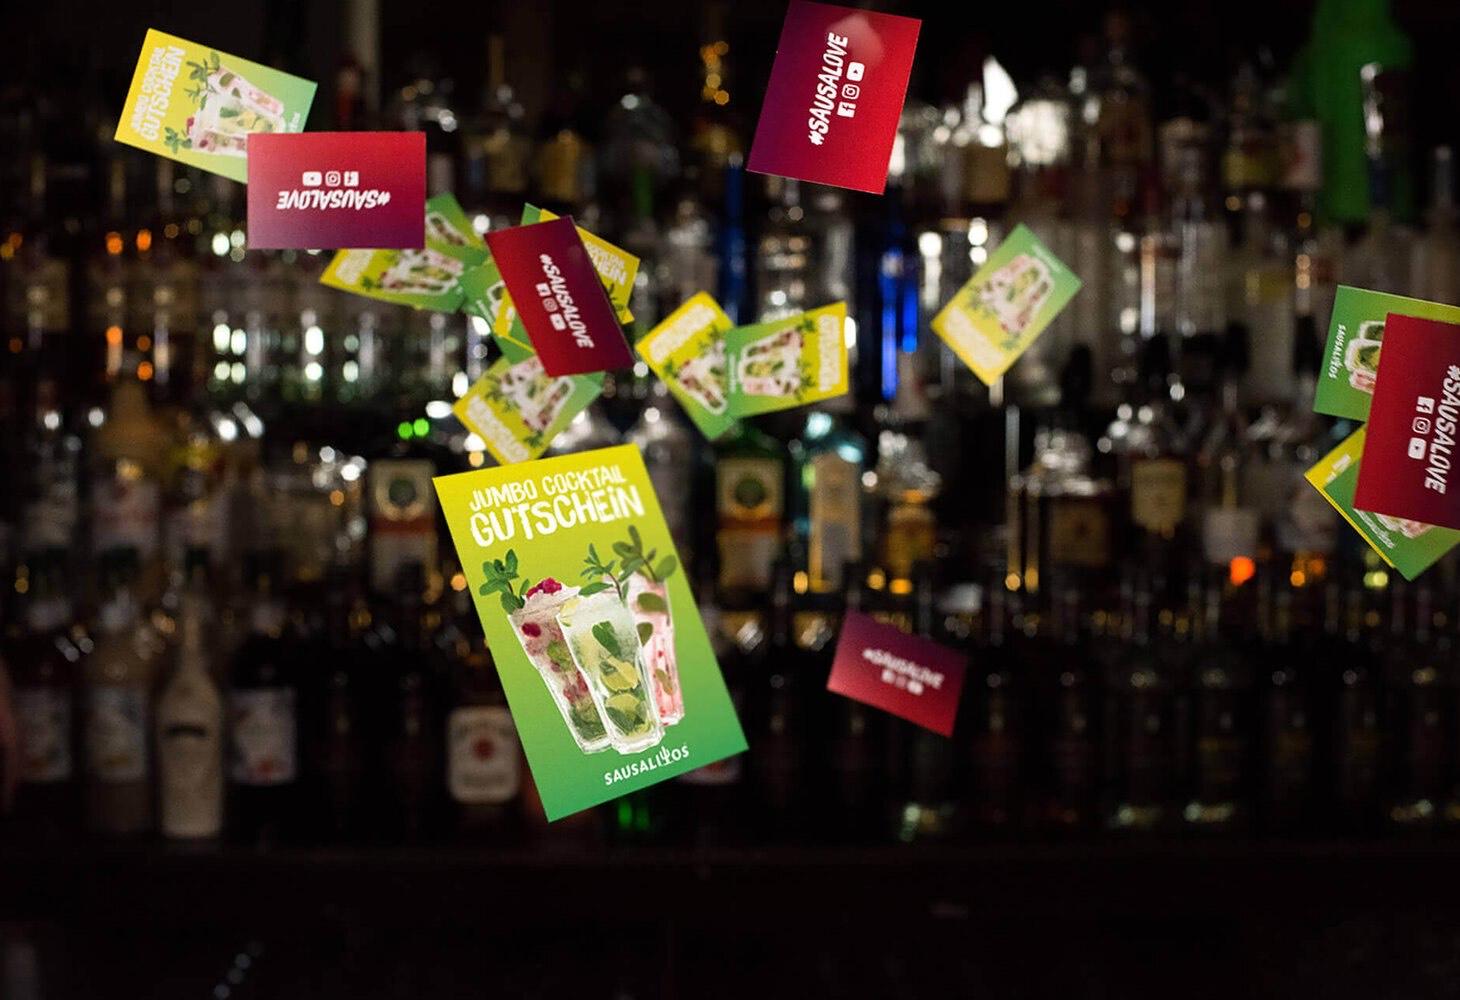 [Sausalitos] 12 x Jumbo Cocktail Gutscheine für 65€